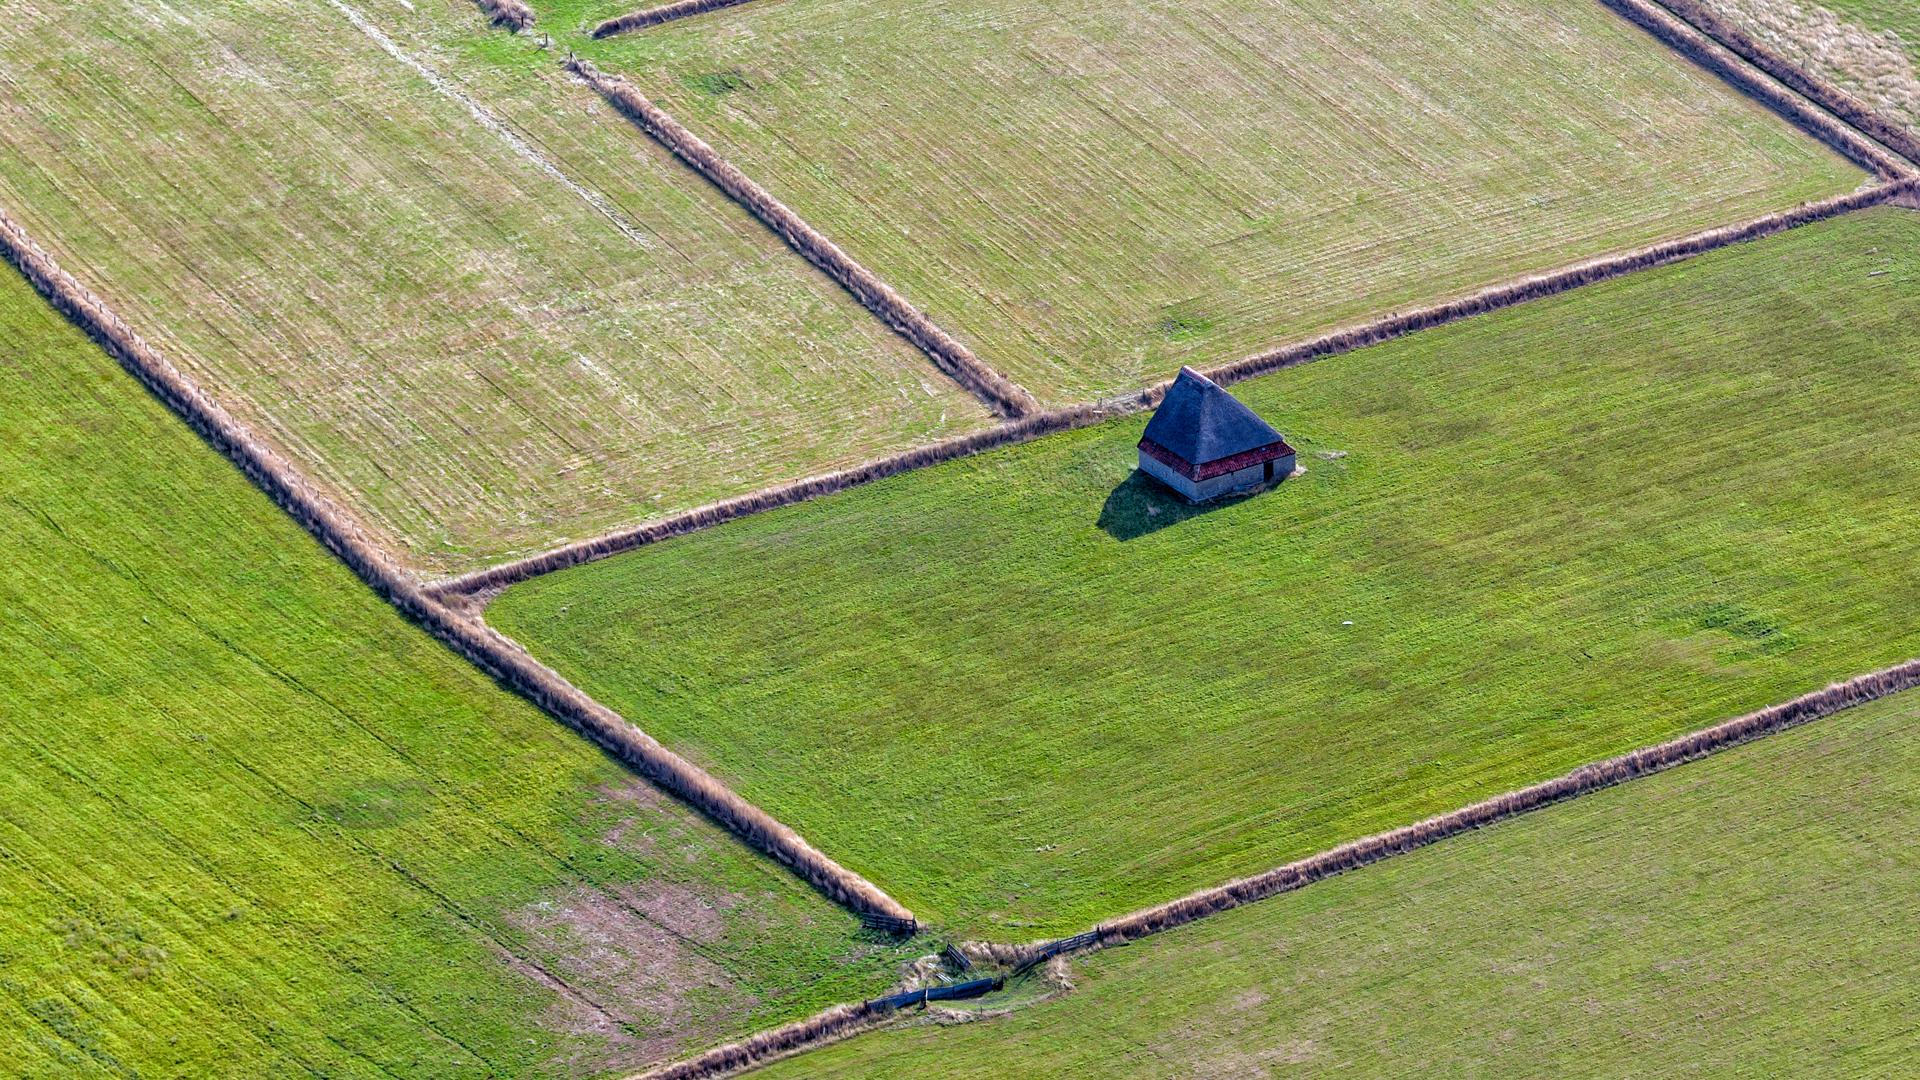 Schapenboet tussen de tuinwallen tuunwallen VVV Texel Roel Ovinge